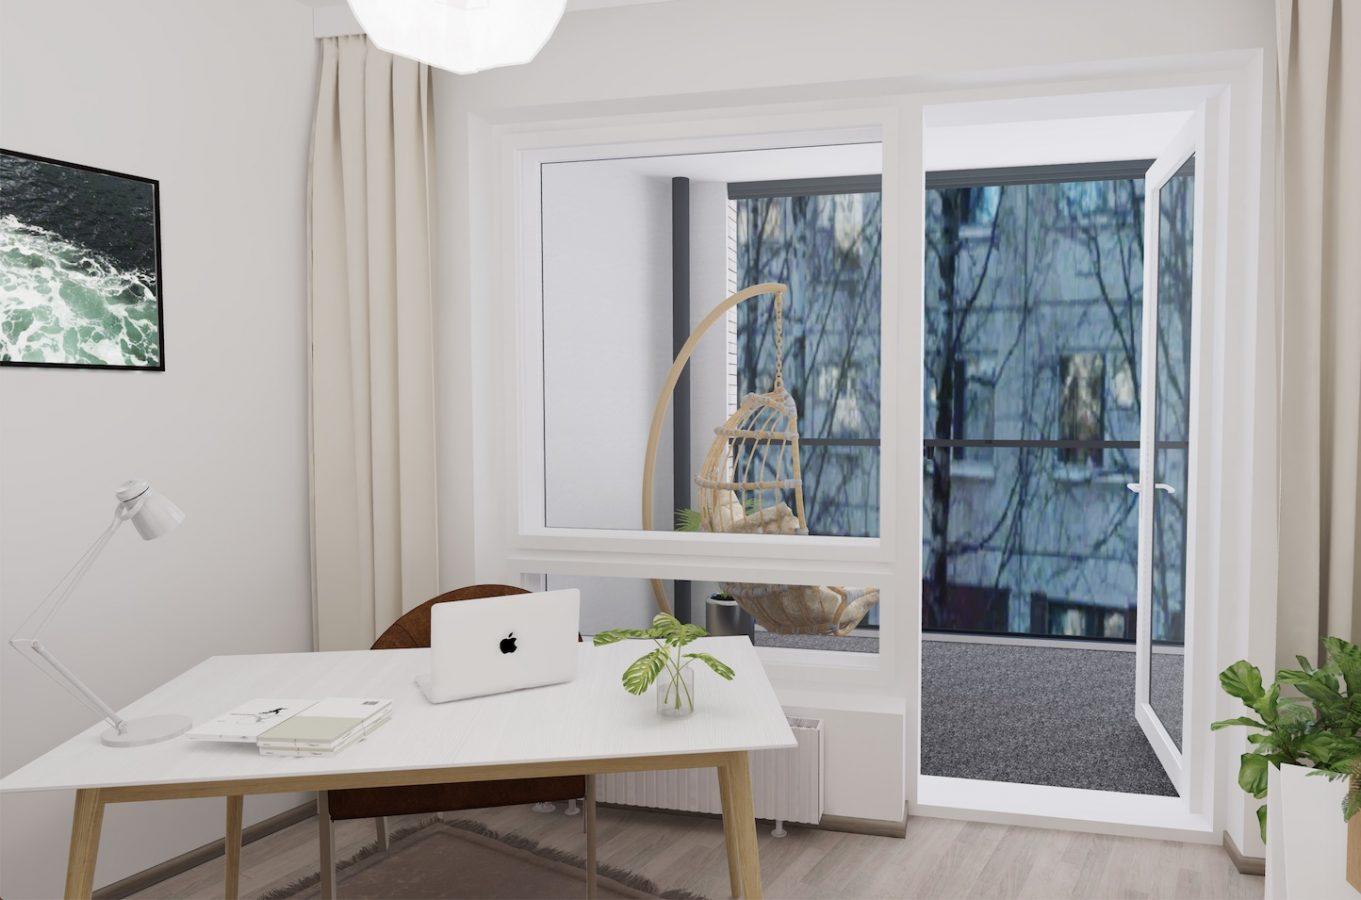 Solmukuja 3 A 55 - Mallikuvat ovat vastaavasta huoneistosta 2. kerroksesta. A55 näkymät ovat esteettömät